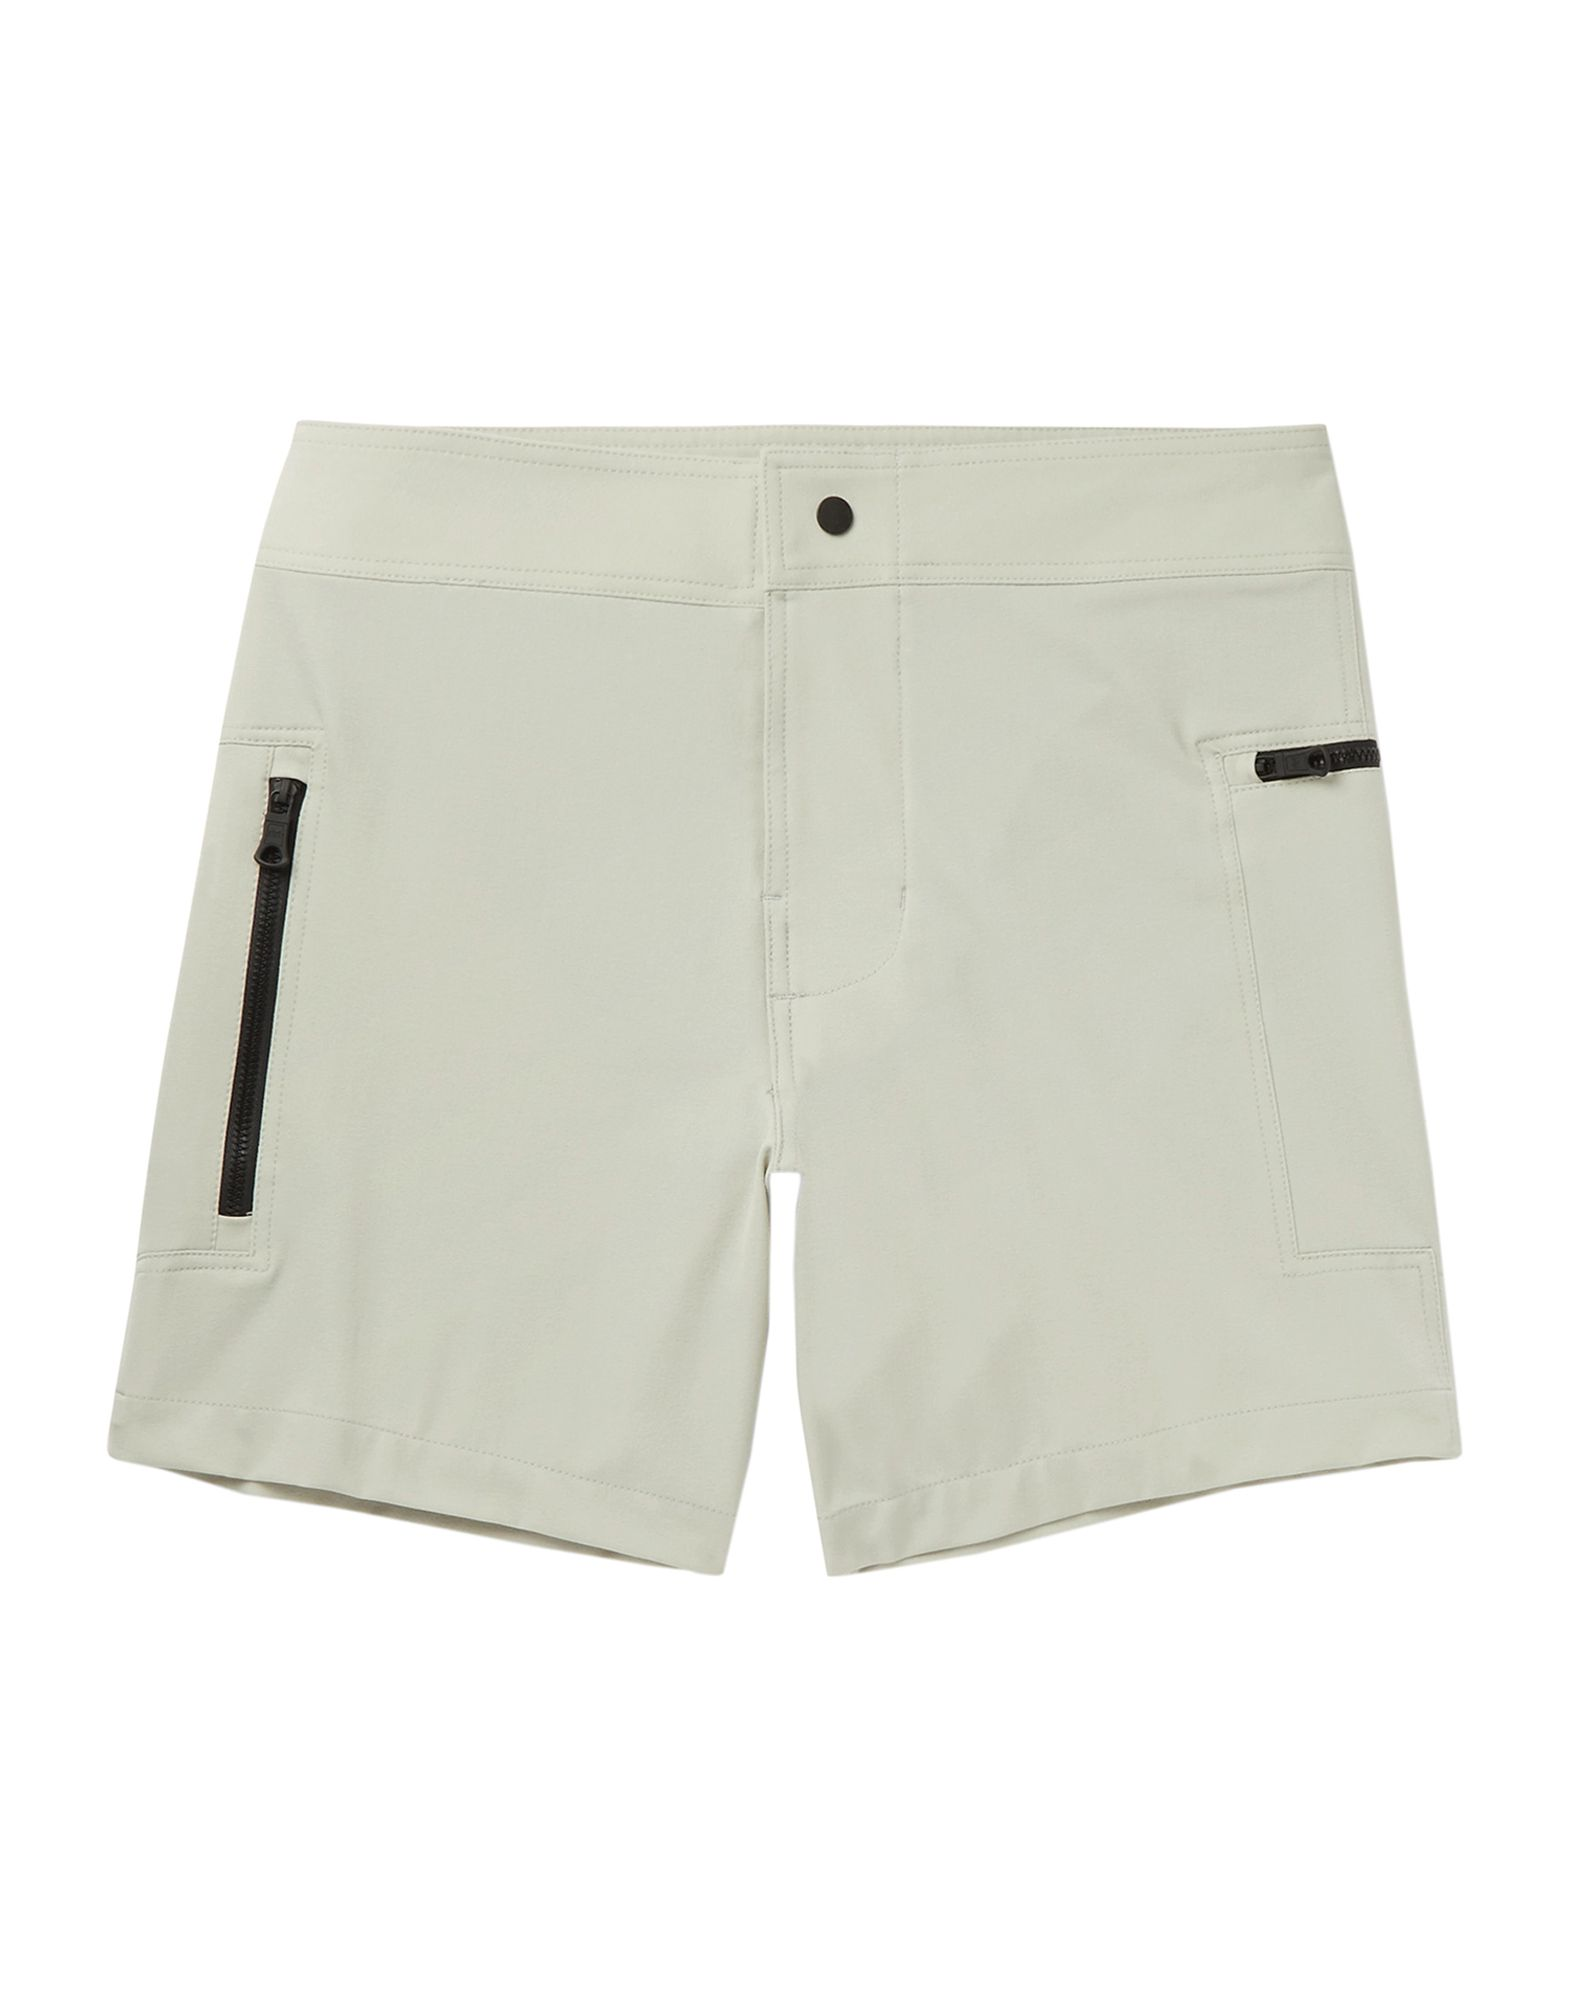 EVEREST ISLES Пляжные брюки и шорты maharishi пляжные брюки и шорты